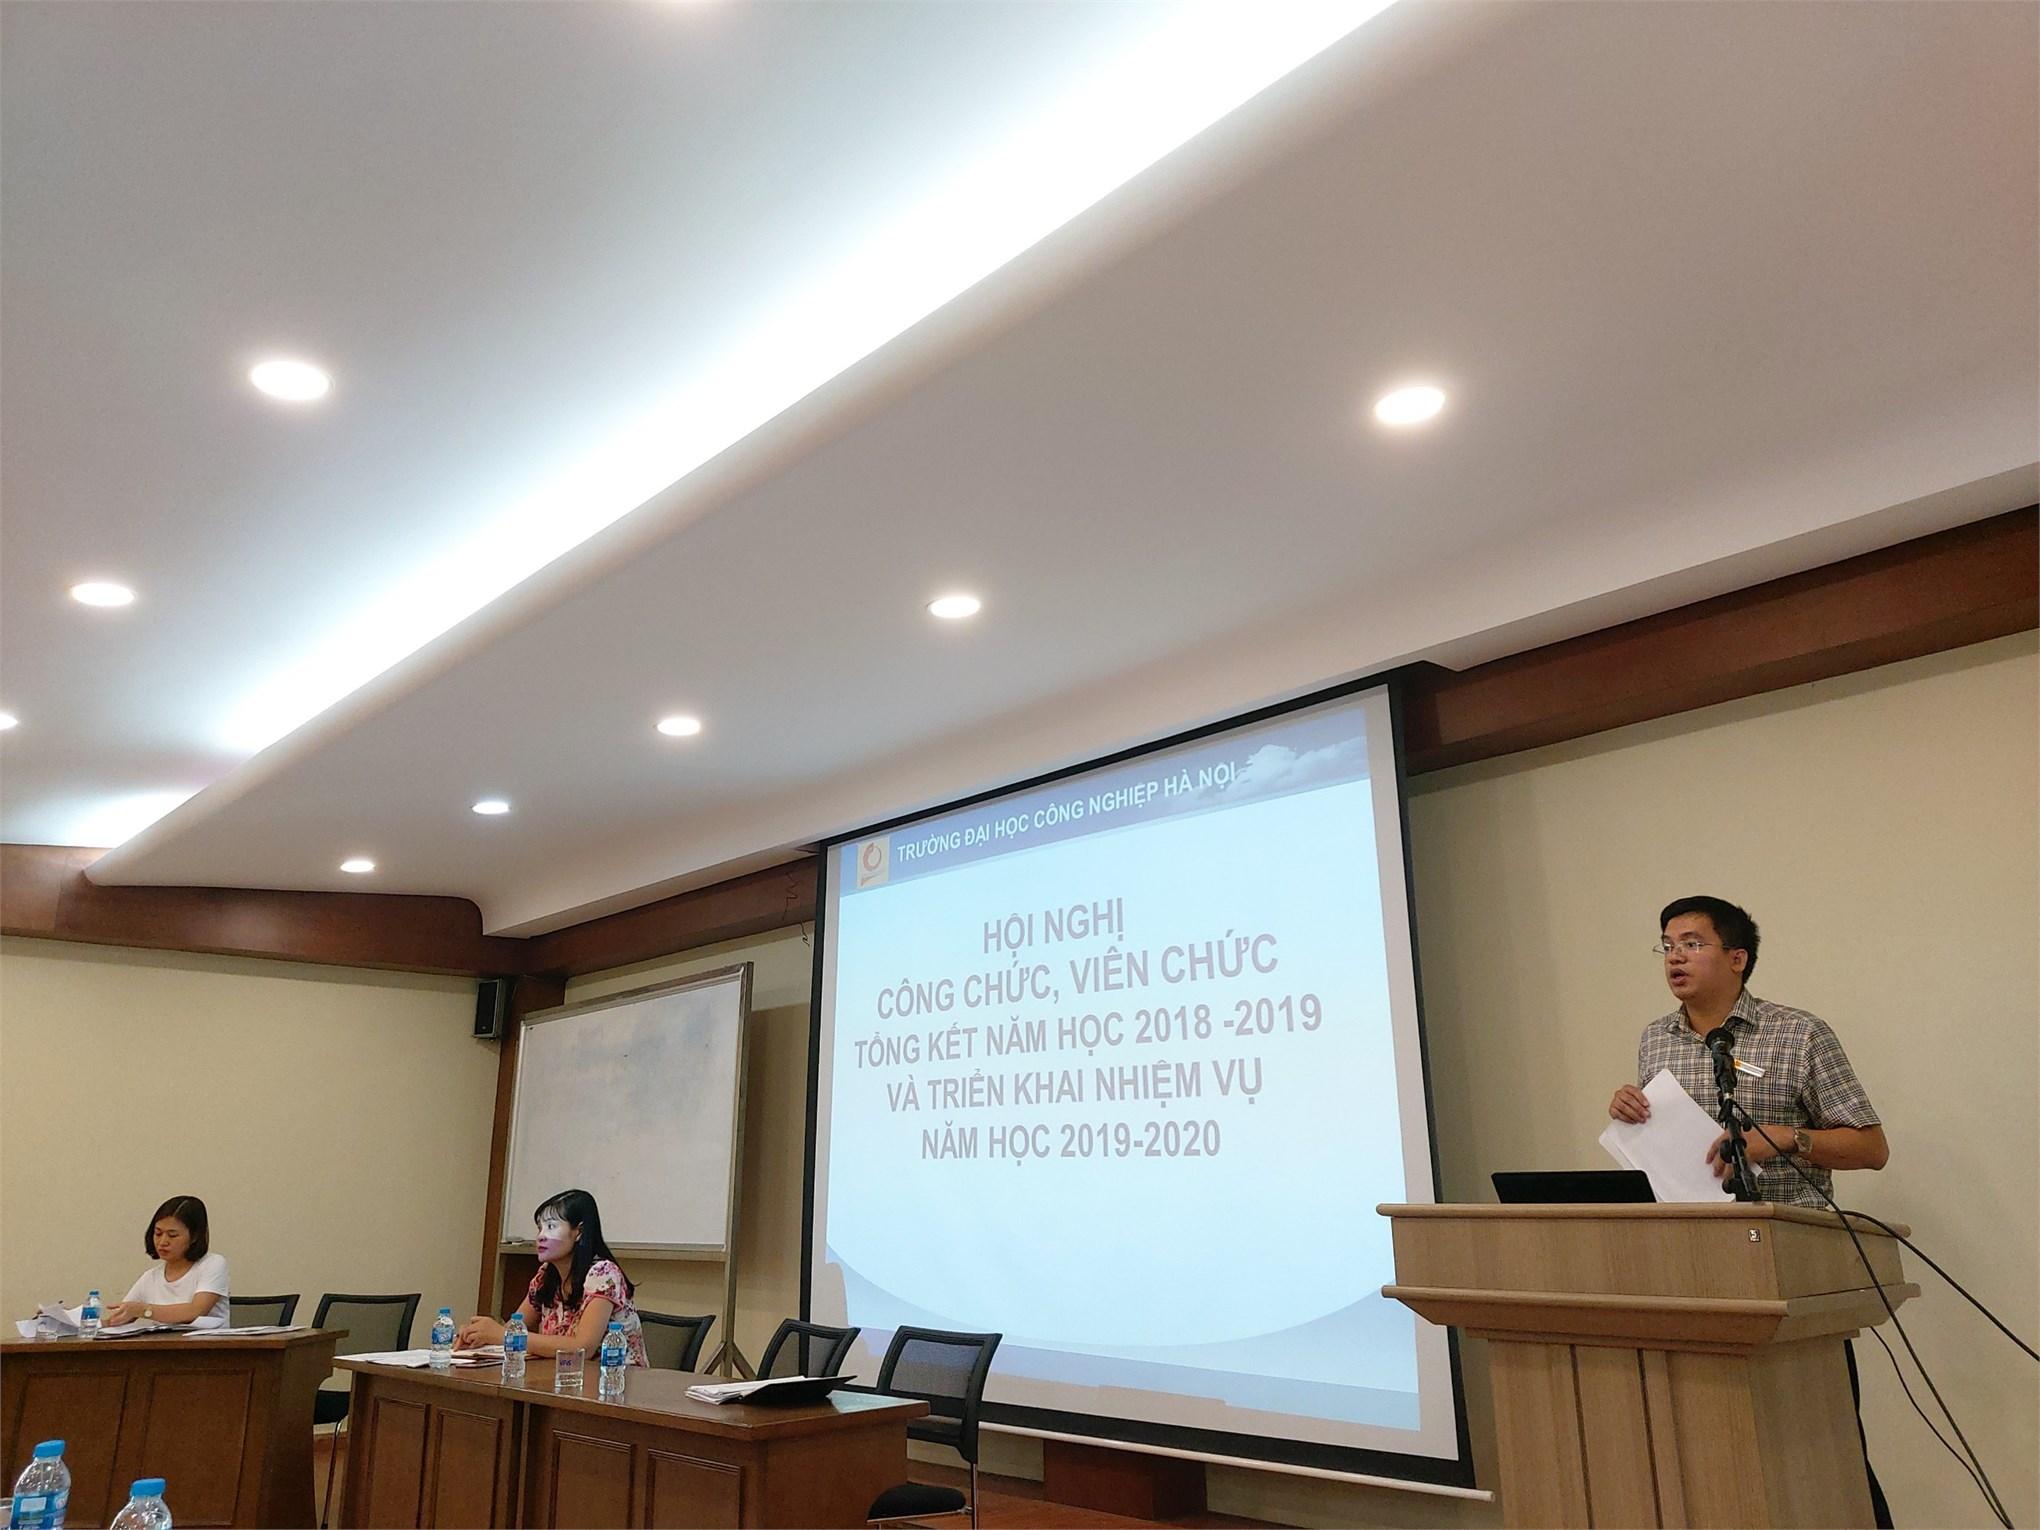 Hội nghị cán bộ viên chức khoa Kế toán Kiểm toán năm học 2019-2020